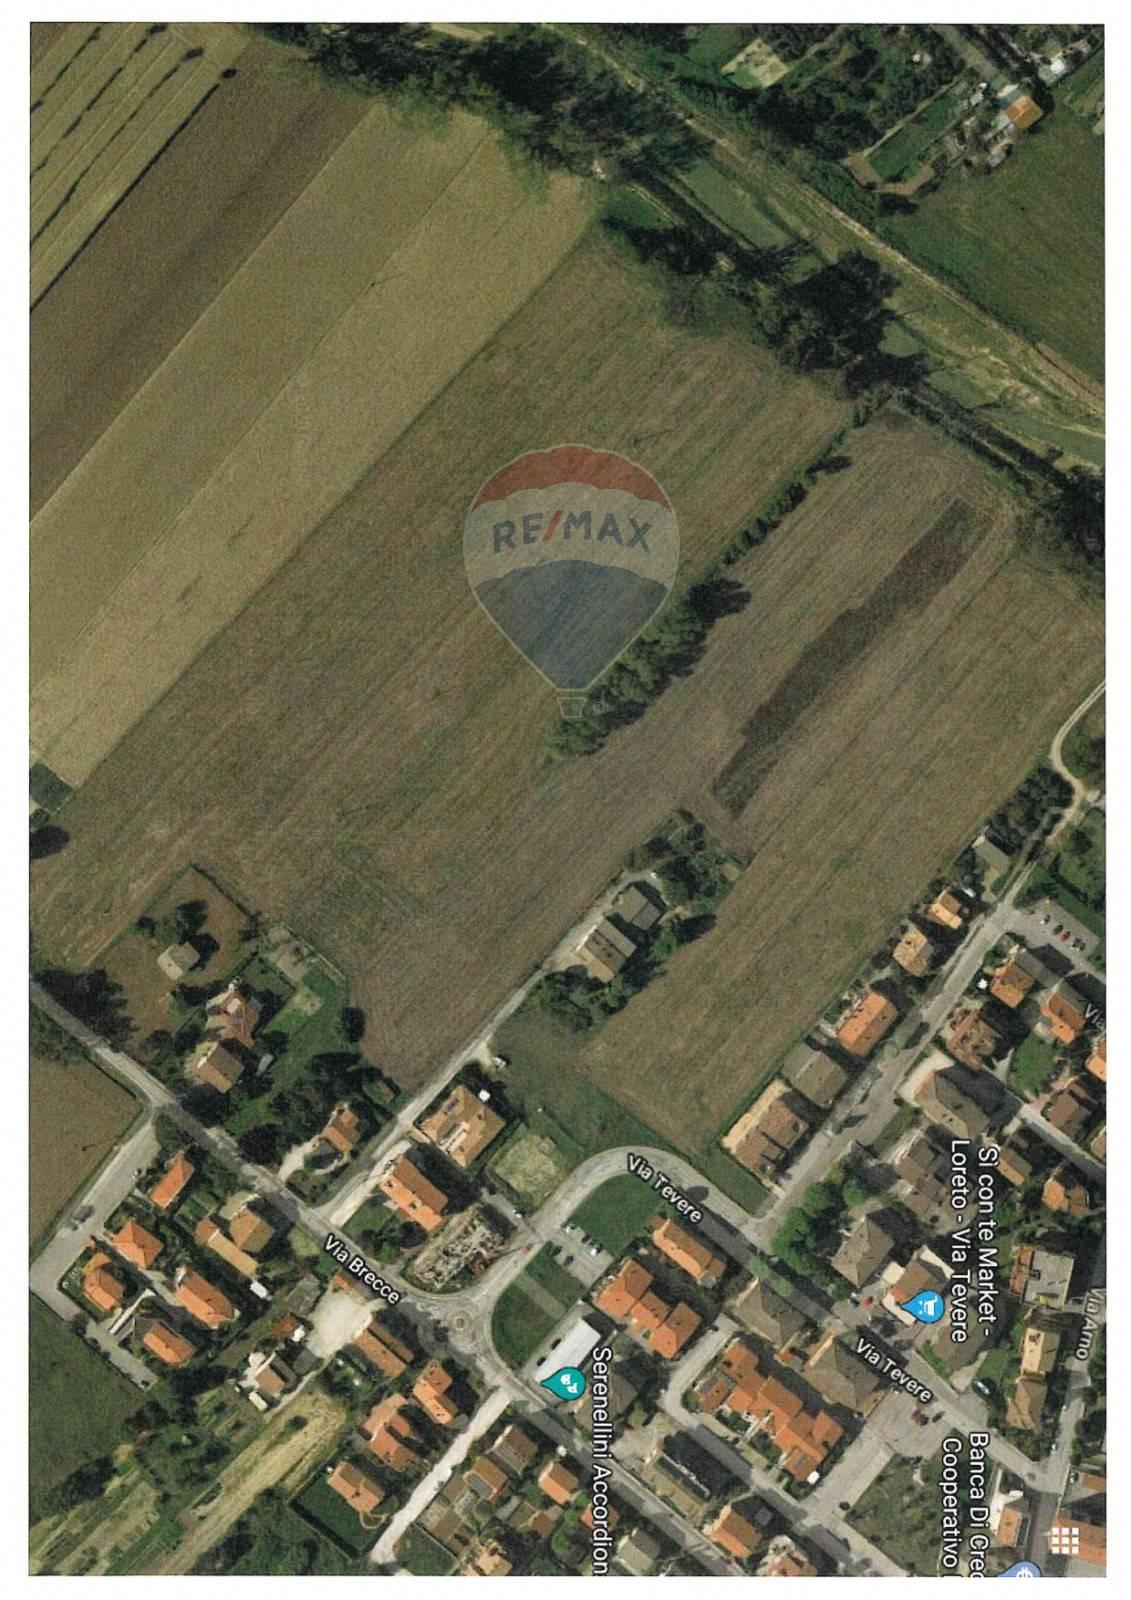 Terreno Agricolo in vendita a Loreto, 9999 locali, zona Località: VillaMusone, prezzo € 60.000 | CambioCasa.it